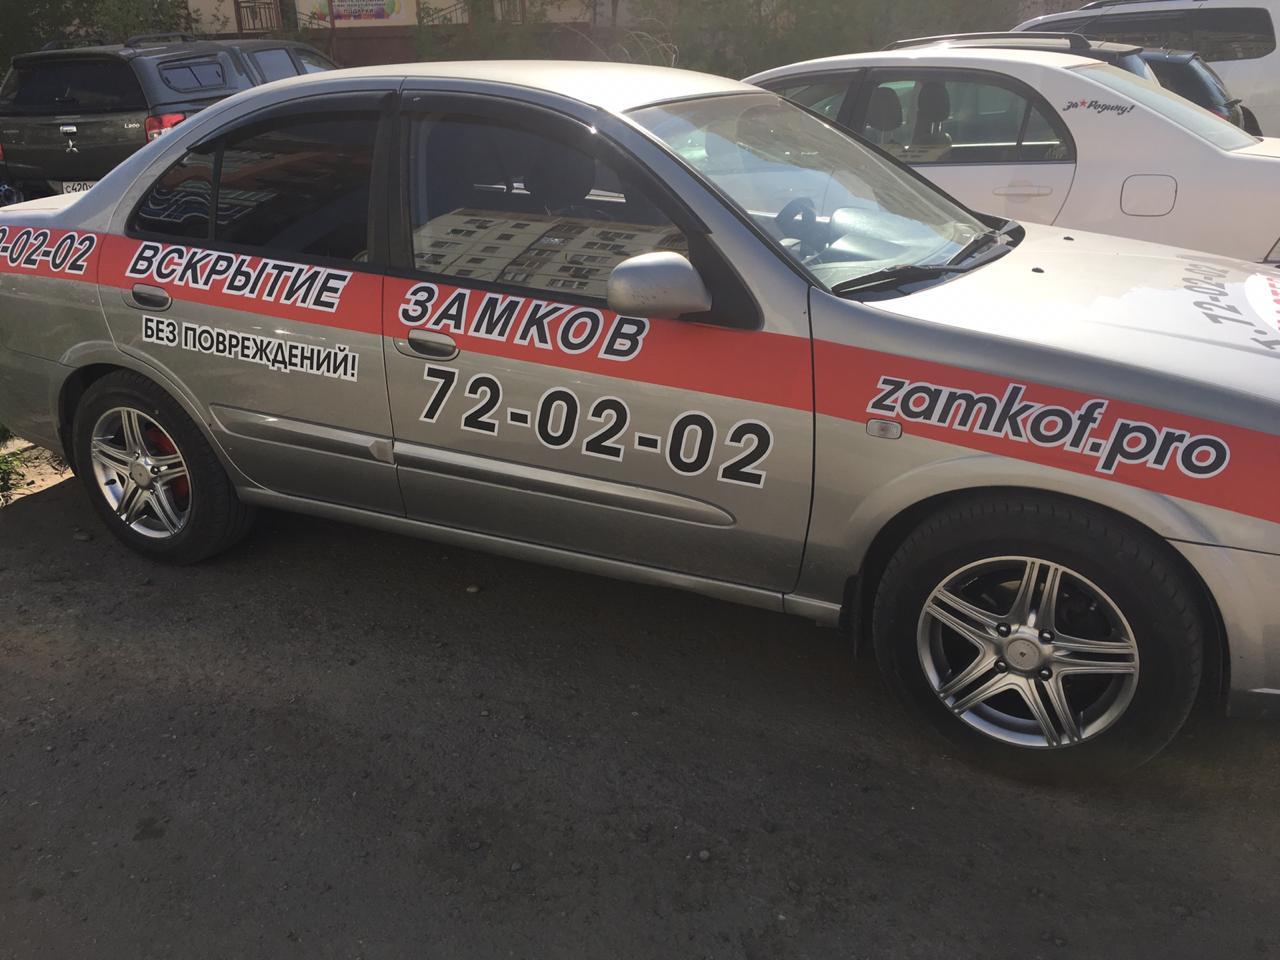 Открыть автомобиль в Астрахани без повреждений